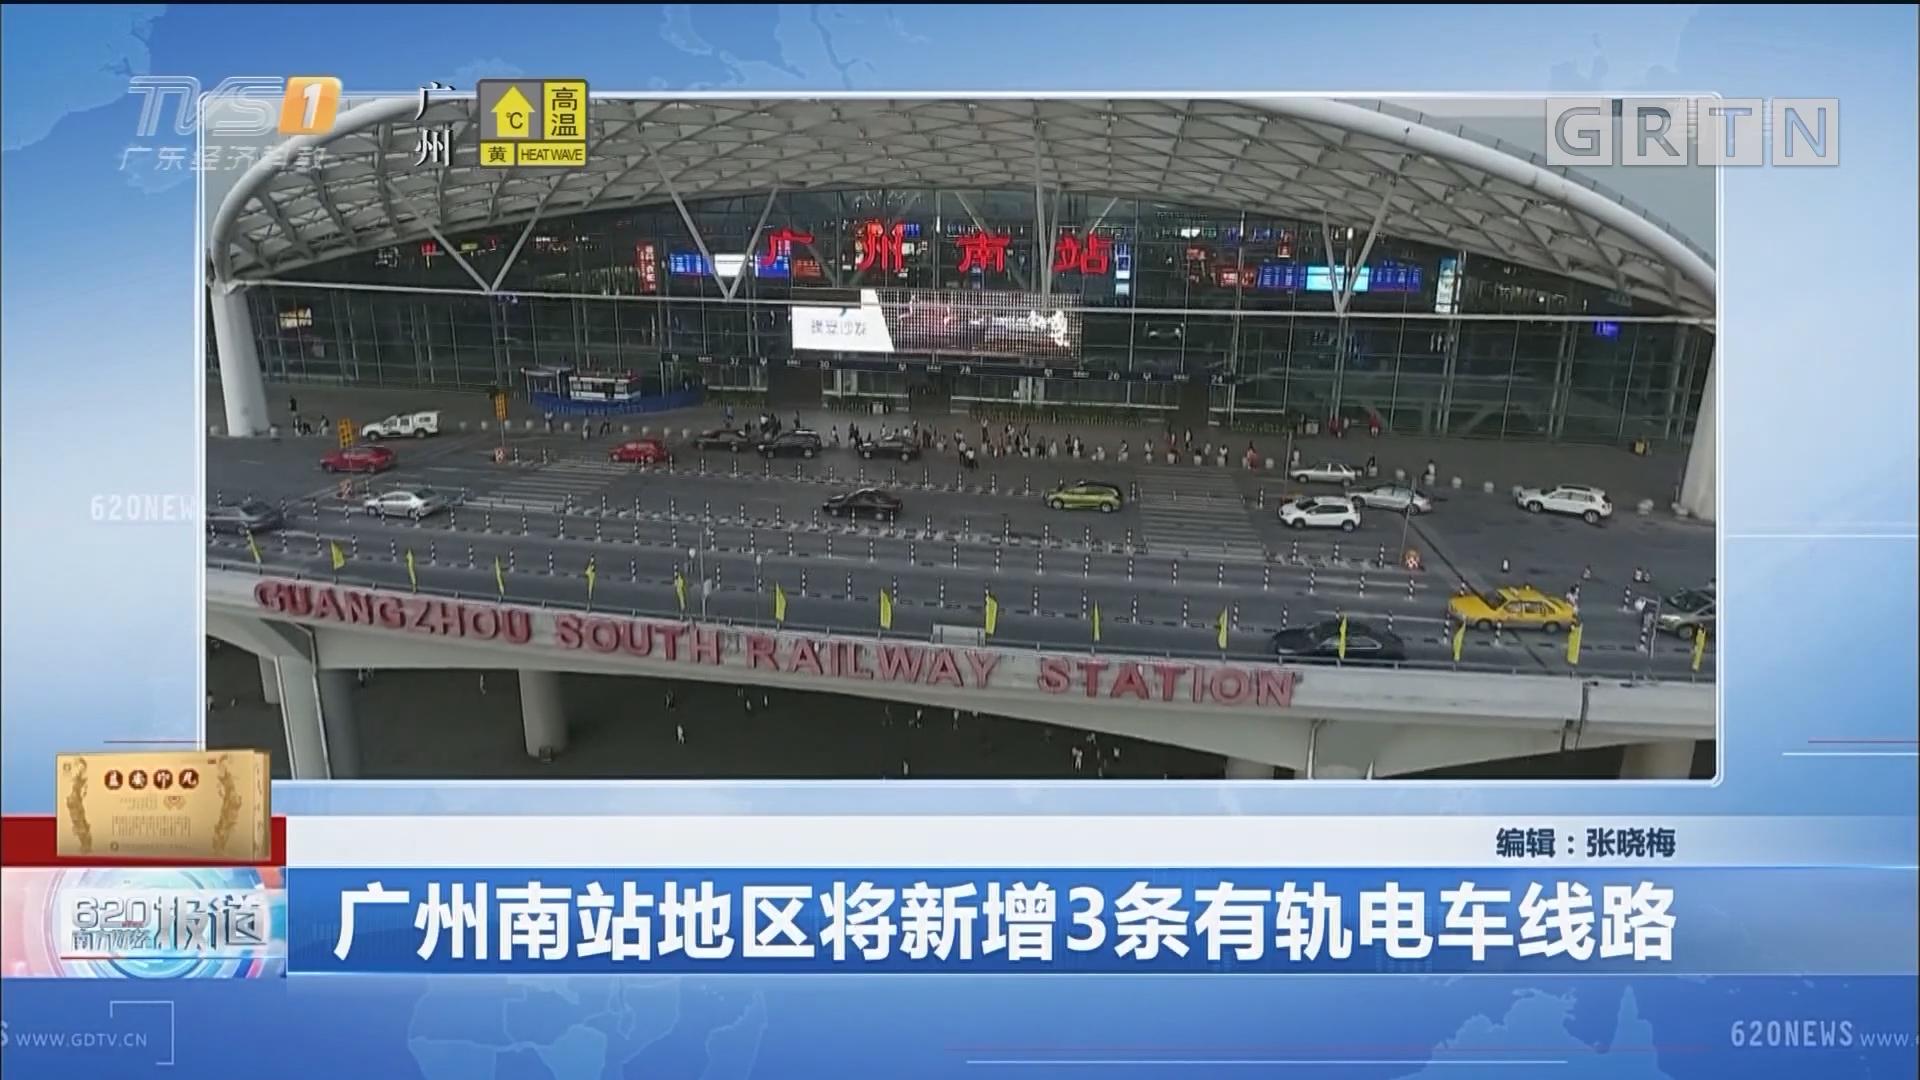 广州南站地区将新增3条有轨电车线路